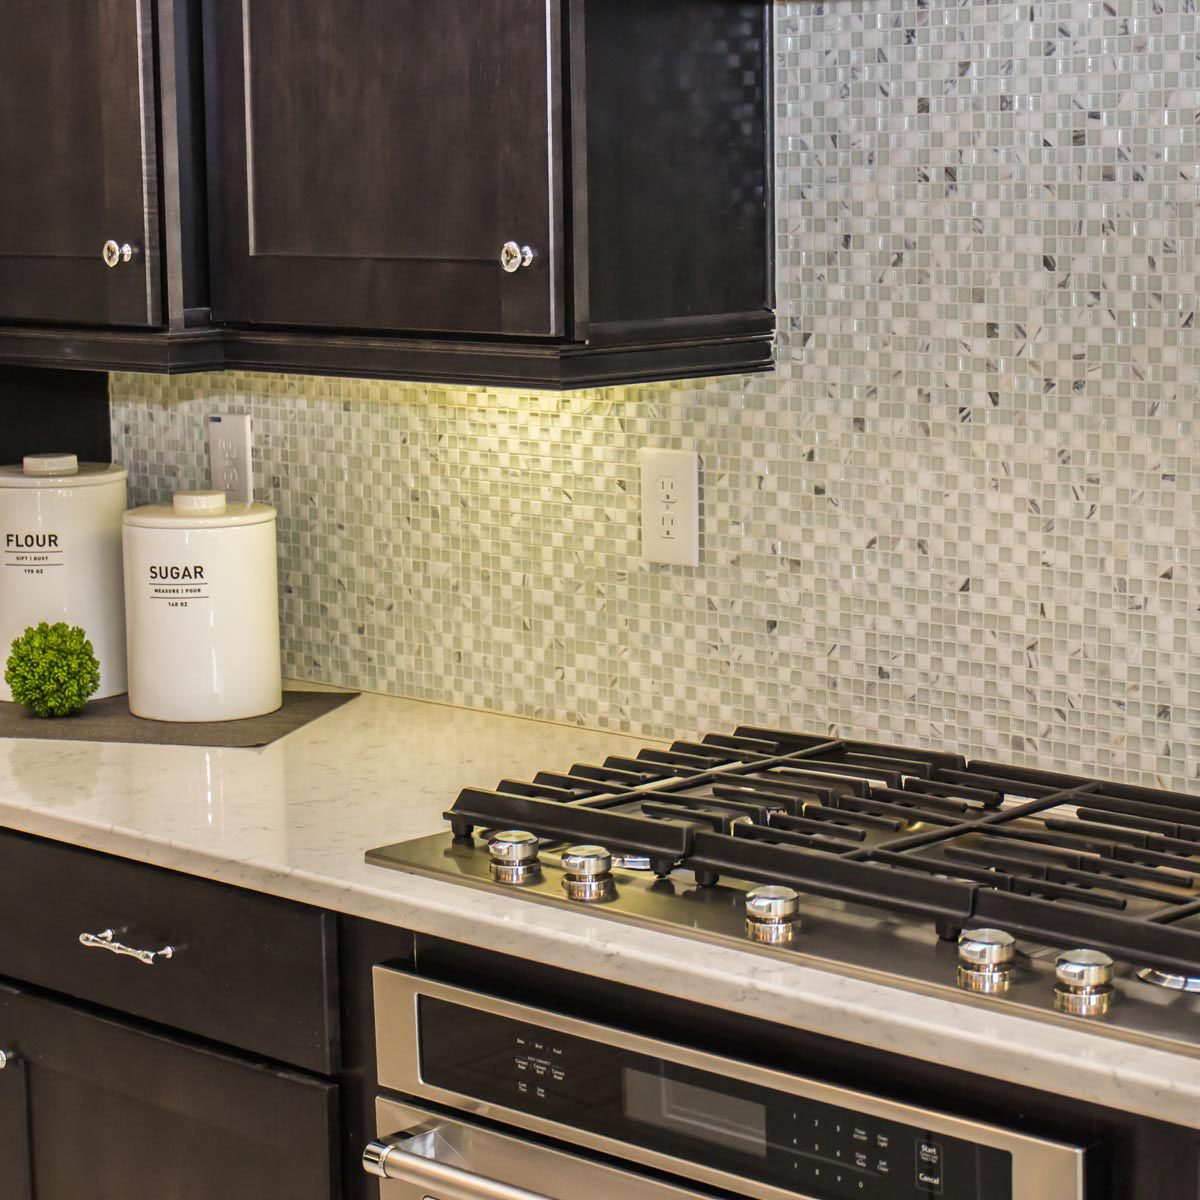 White-mosaic-backsplash-in-kitchen-with-dark-cabinets